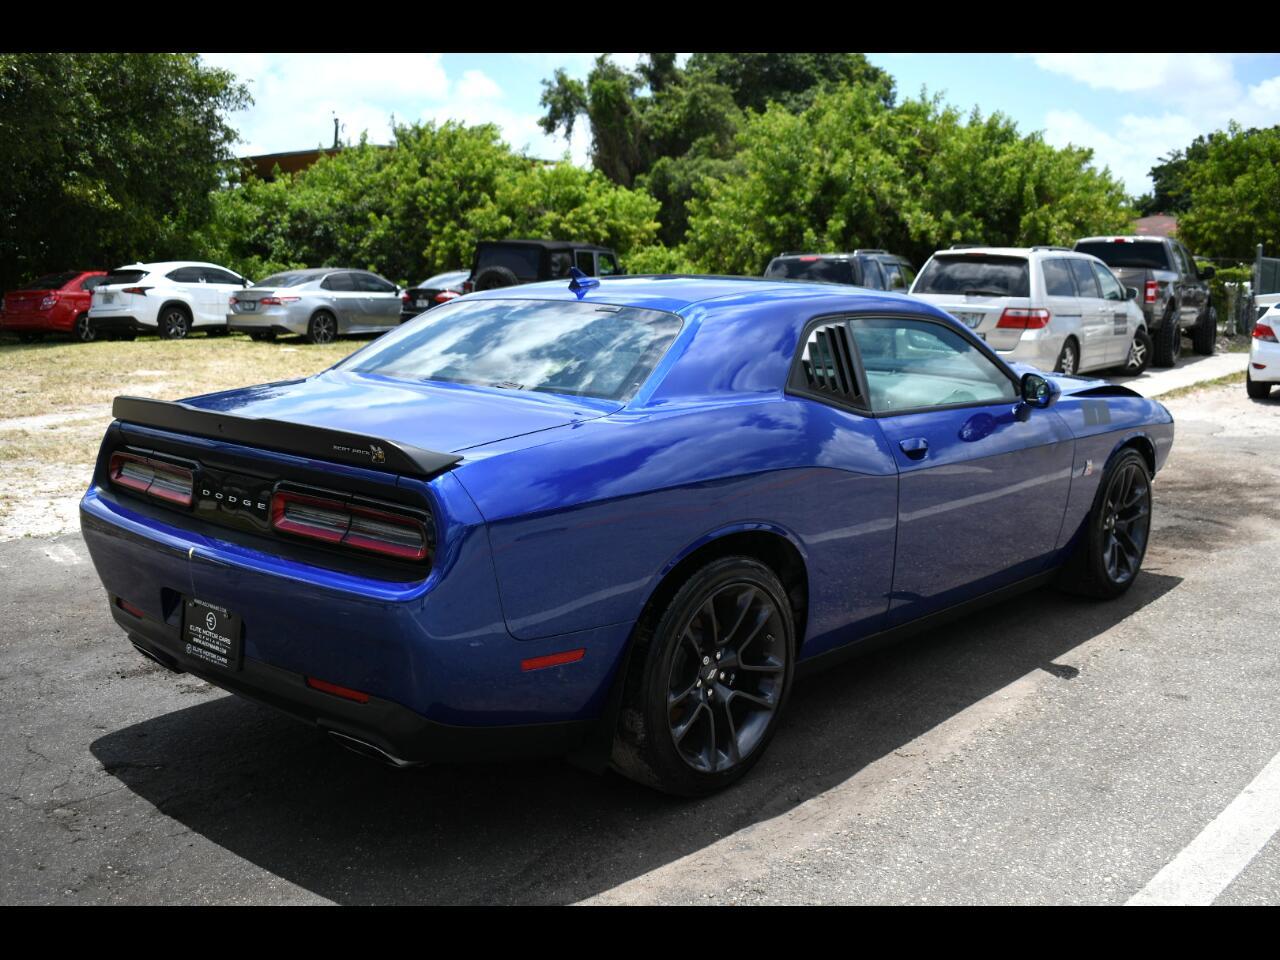 2020 Dodge Challenger R/T SCAT Pack